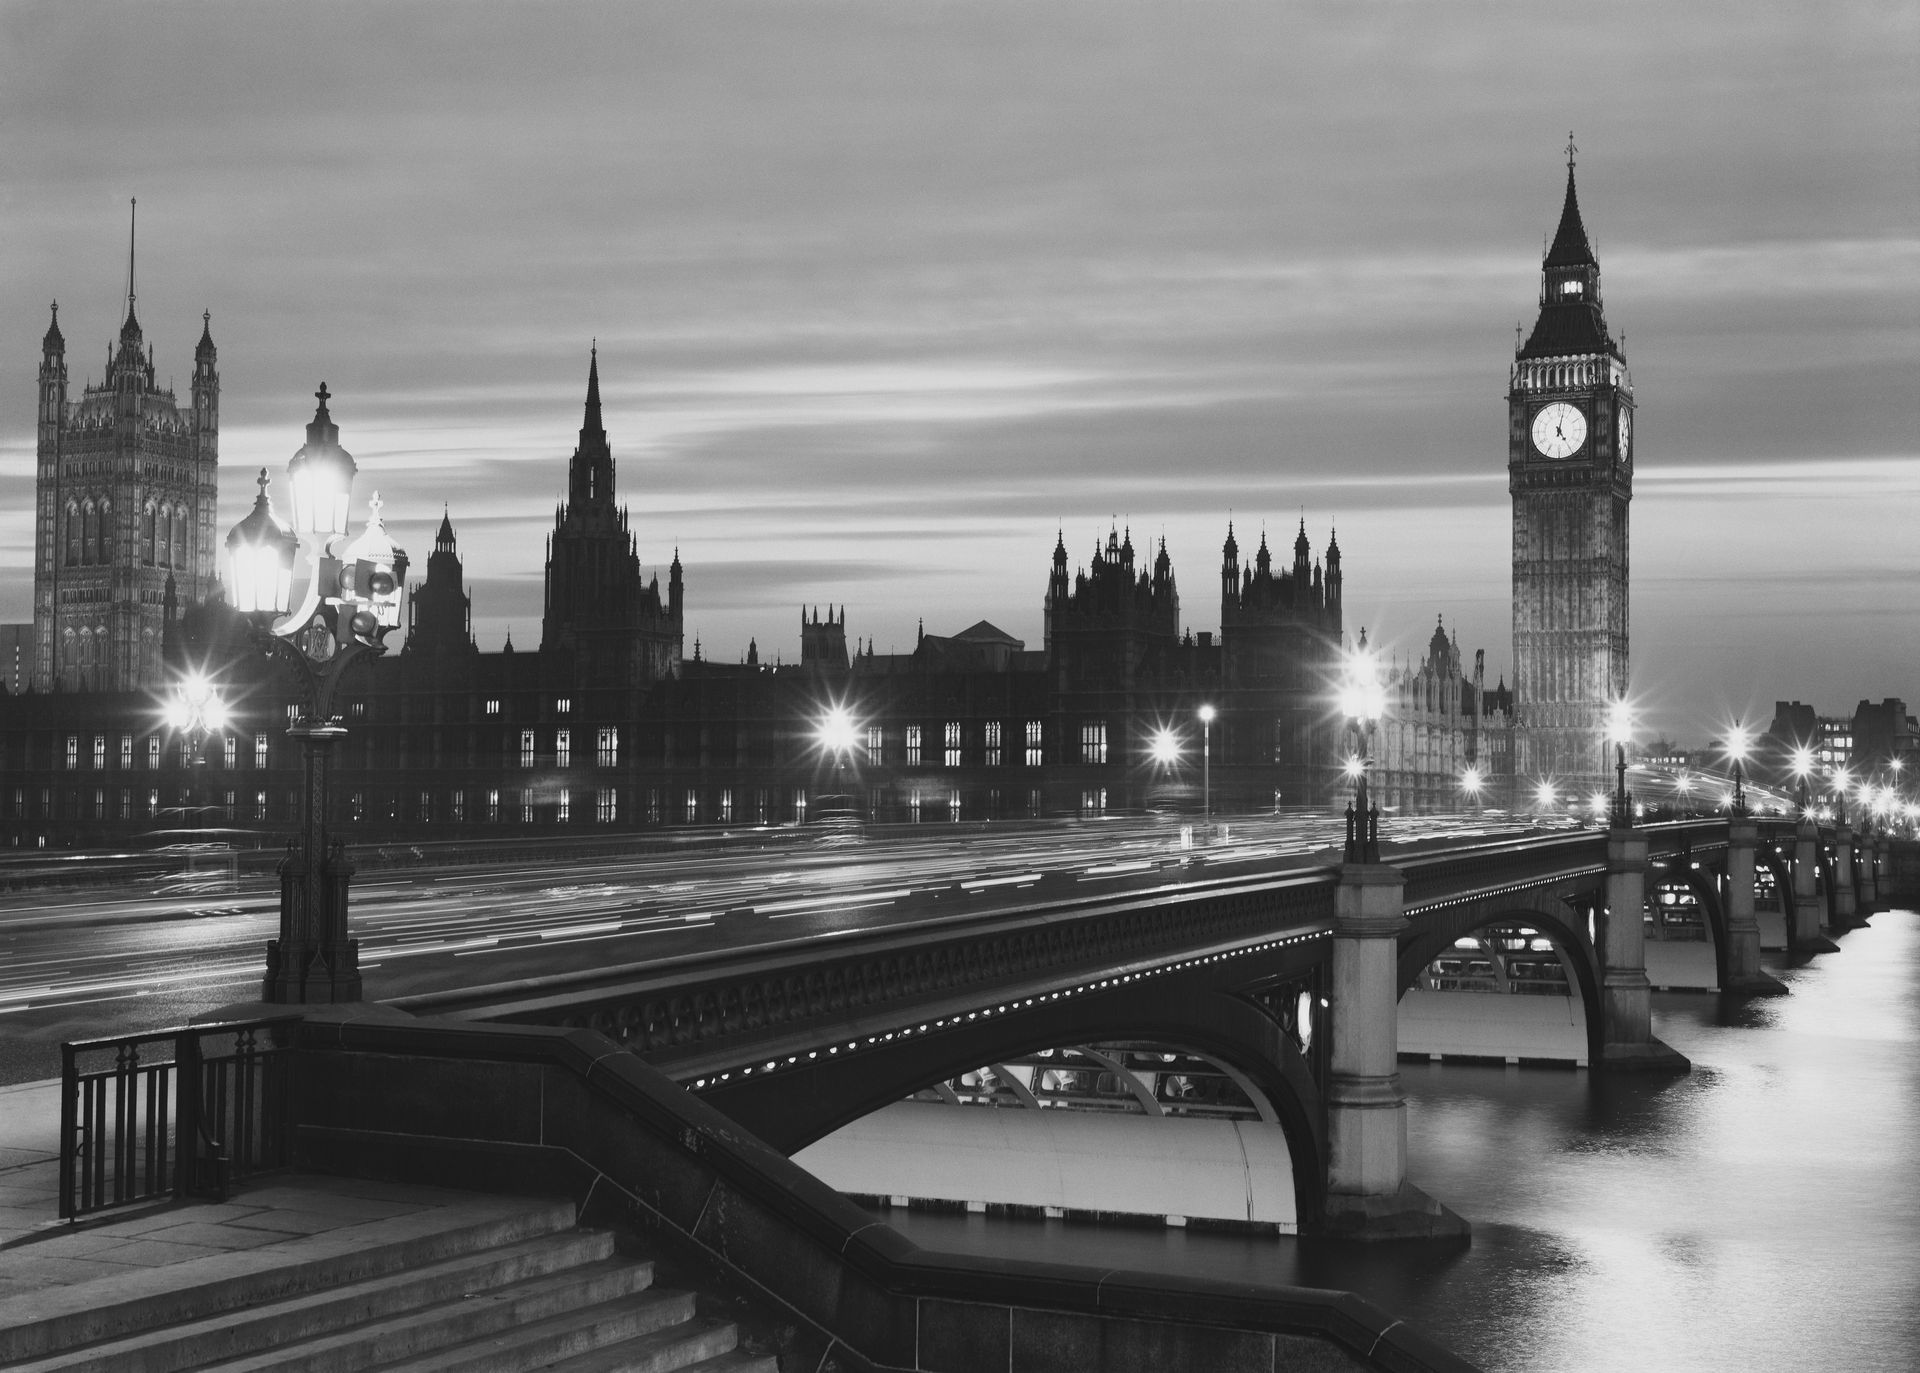 Лондон, 1 януари 1973 г. - вече част от Европа